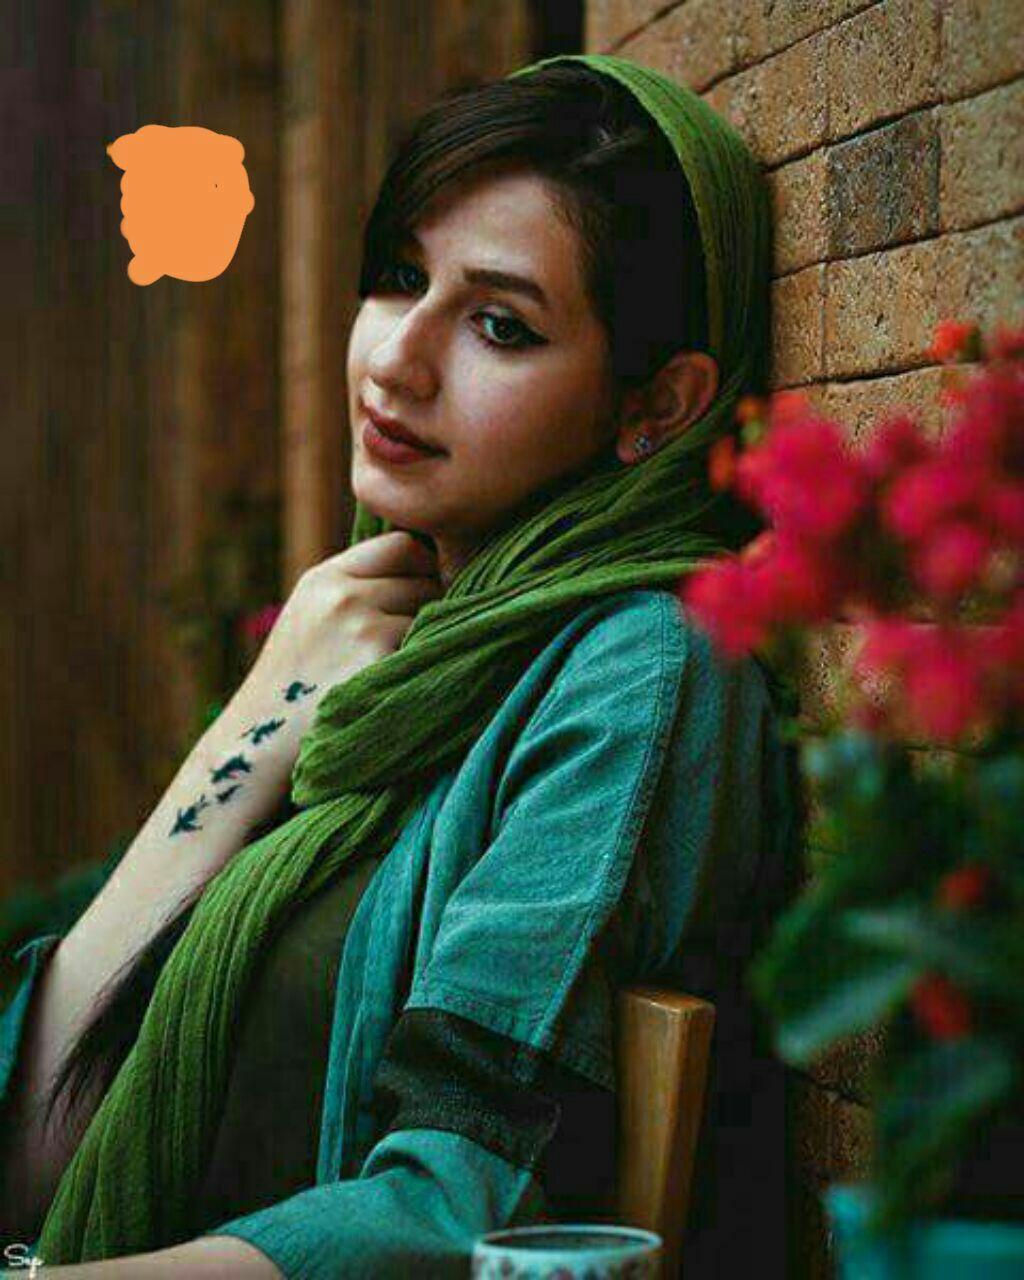 چـنــت هيــل وخــذاك السيــل بطــيــت وجــاي متــأخــر طــفه گــلبــي وبــعد هــيهــات تــندلنــي طيــر المــايــر Iranian Girl Girl Hijab Persian Beauties